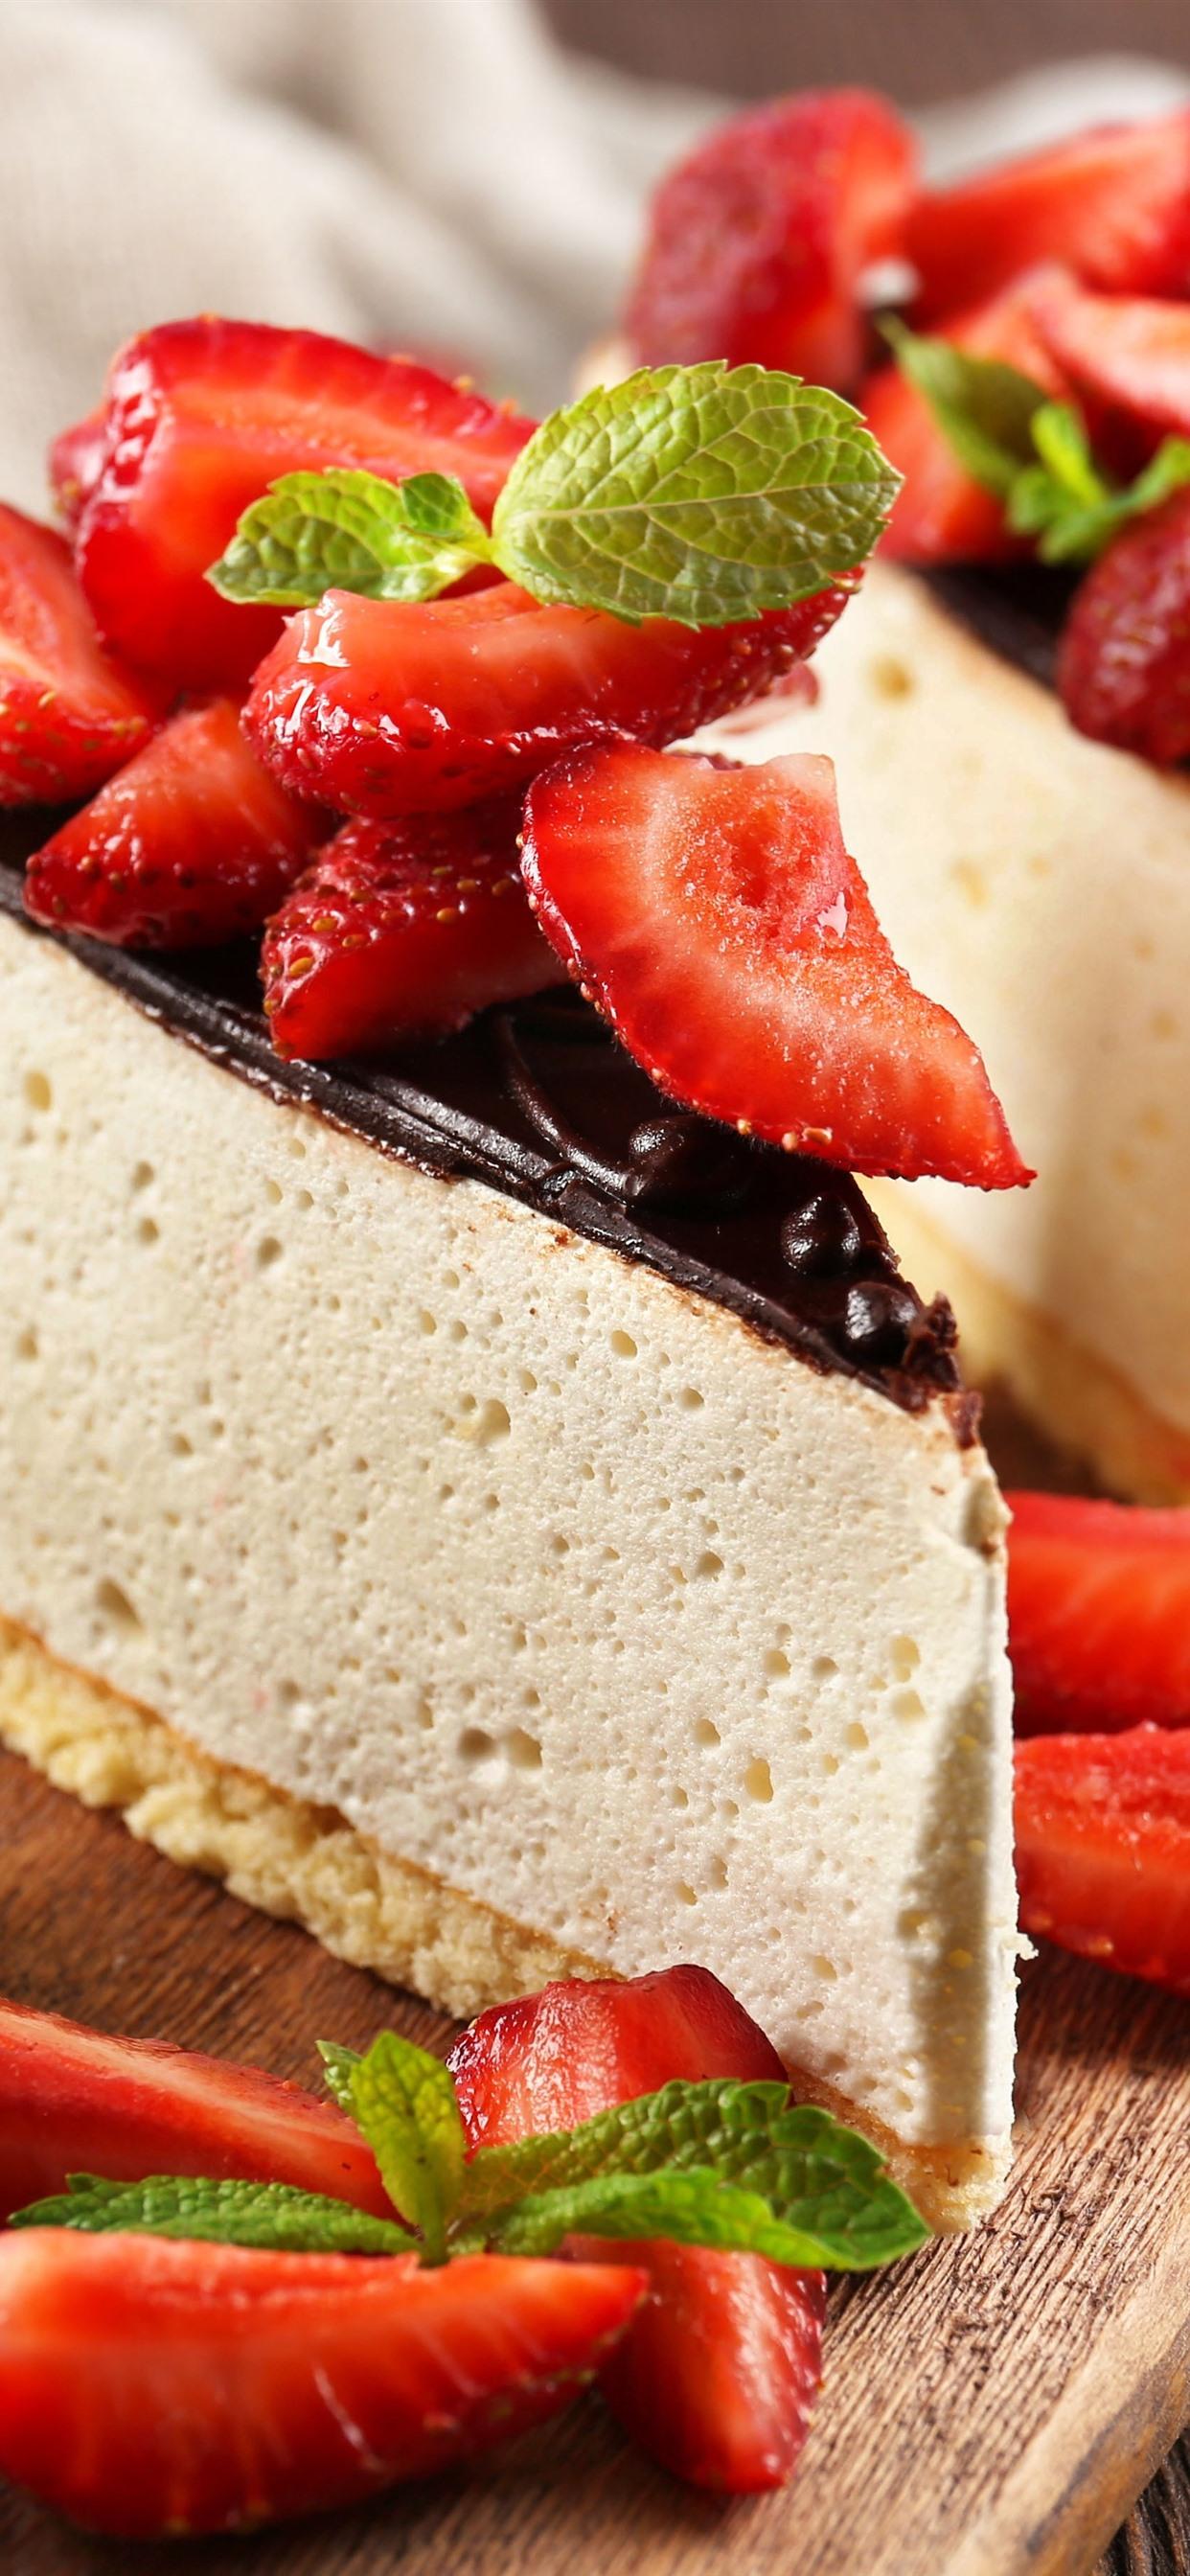 壁紙 チーズケーキ チョコレート イチゴのいくつかの作品 51x Uhd 5k 無料のデスクトップの背景 画像